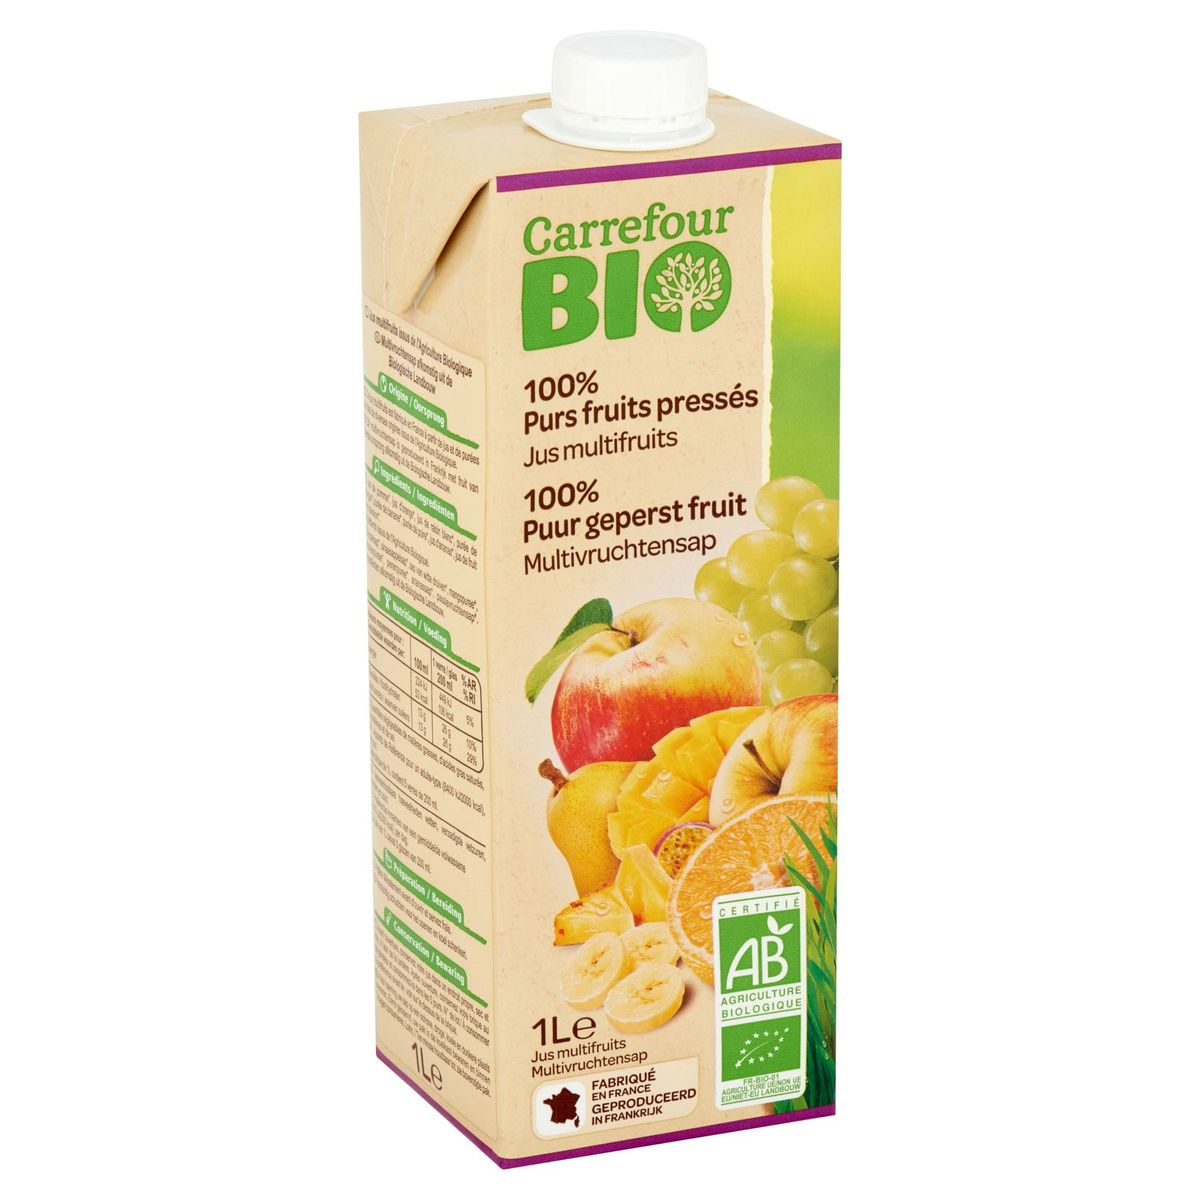 Carrefour Bio 100% Purs Fruits Pressés Jus Multifruits 1 L